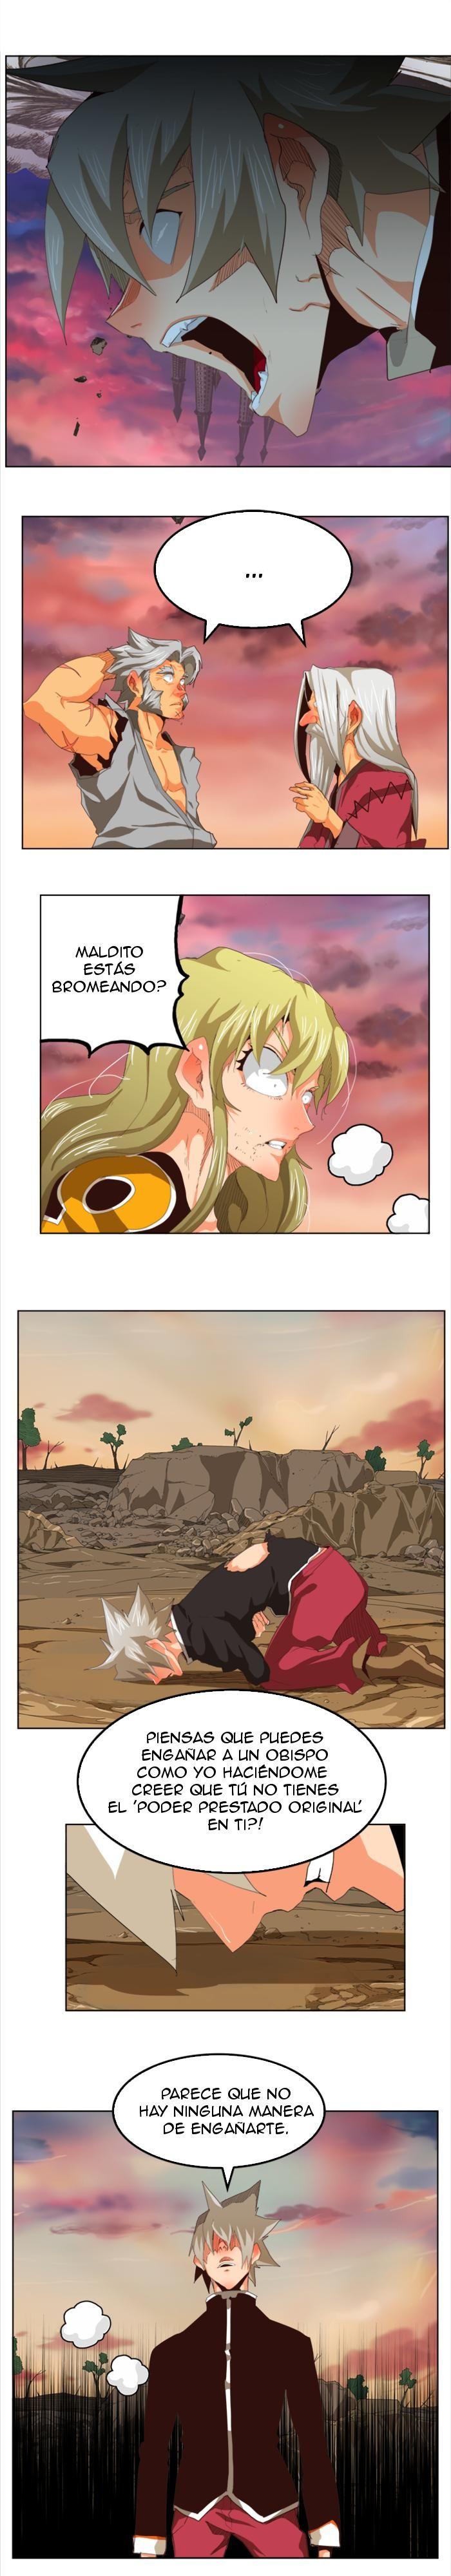 https://c5.ninemanga.com/es_manga/pic2/37/485/514163/42b84a422cab4c8e63931940189dd41c.jpg Page 3